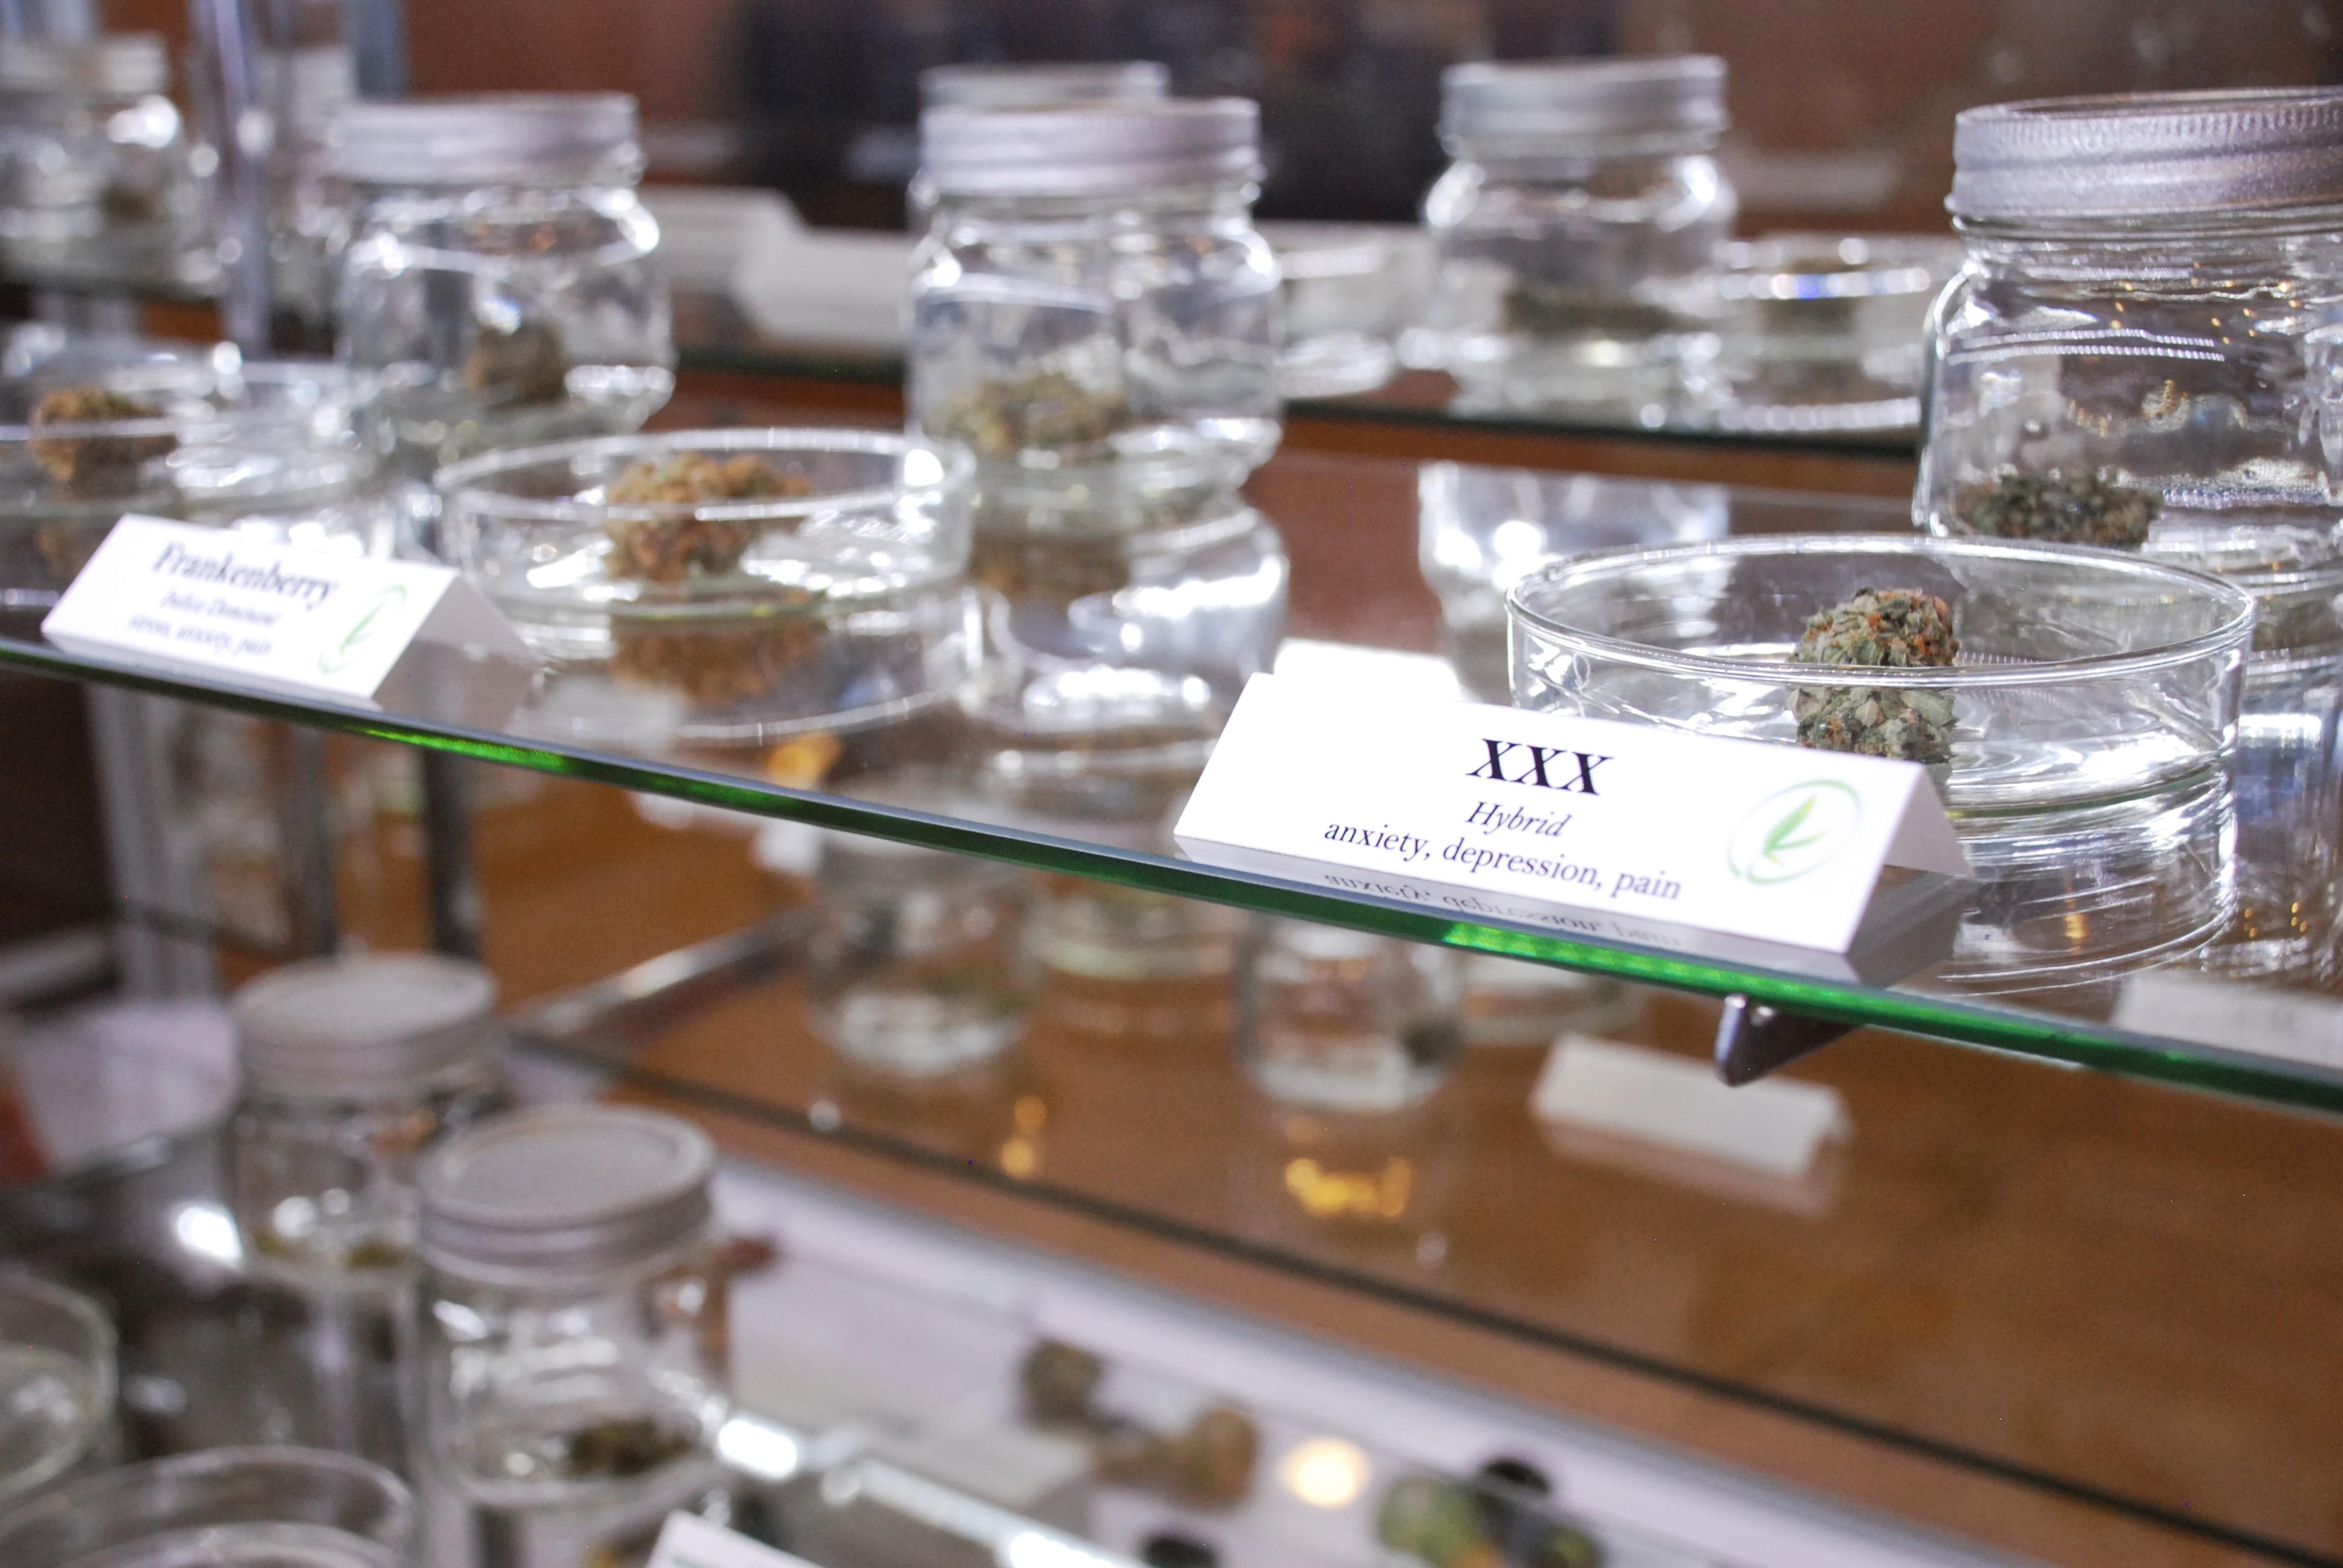 Medical marijuana at Giving Tree